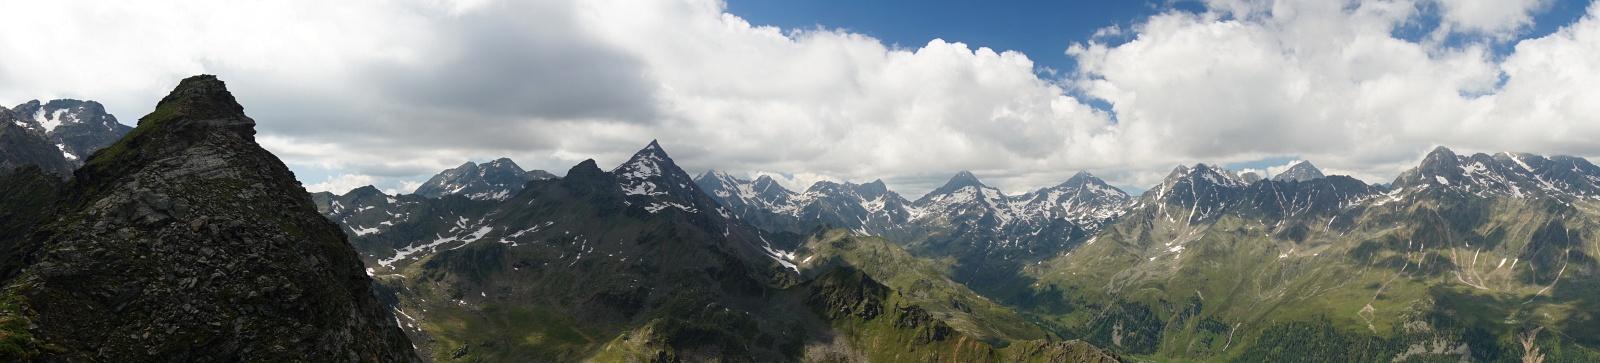 Gipfelparade im Norden (Klick zur Vergrößerung)